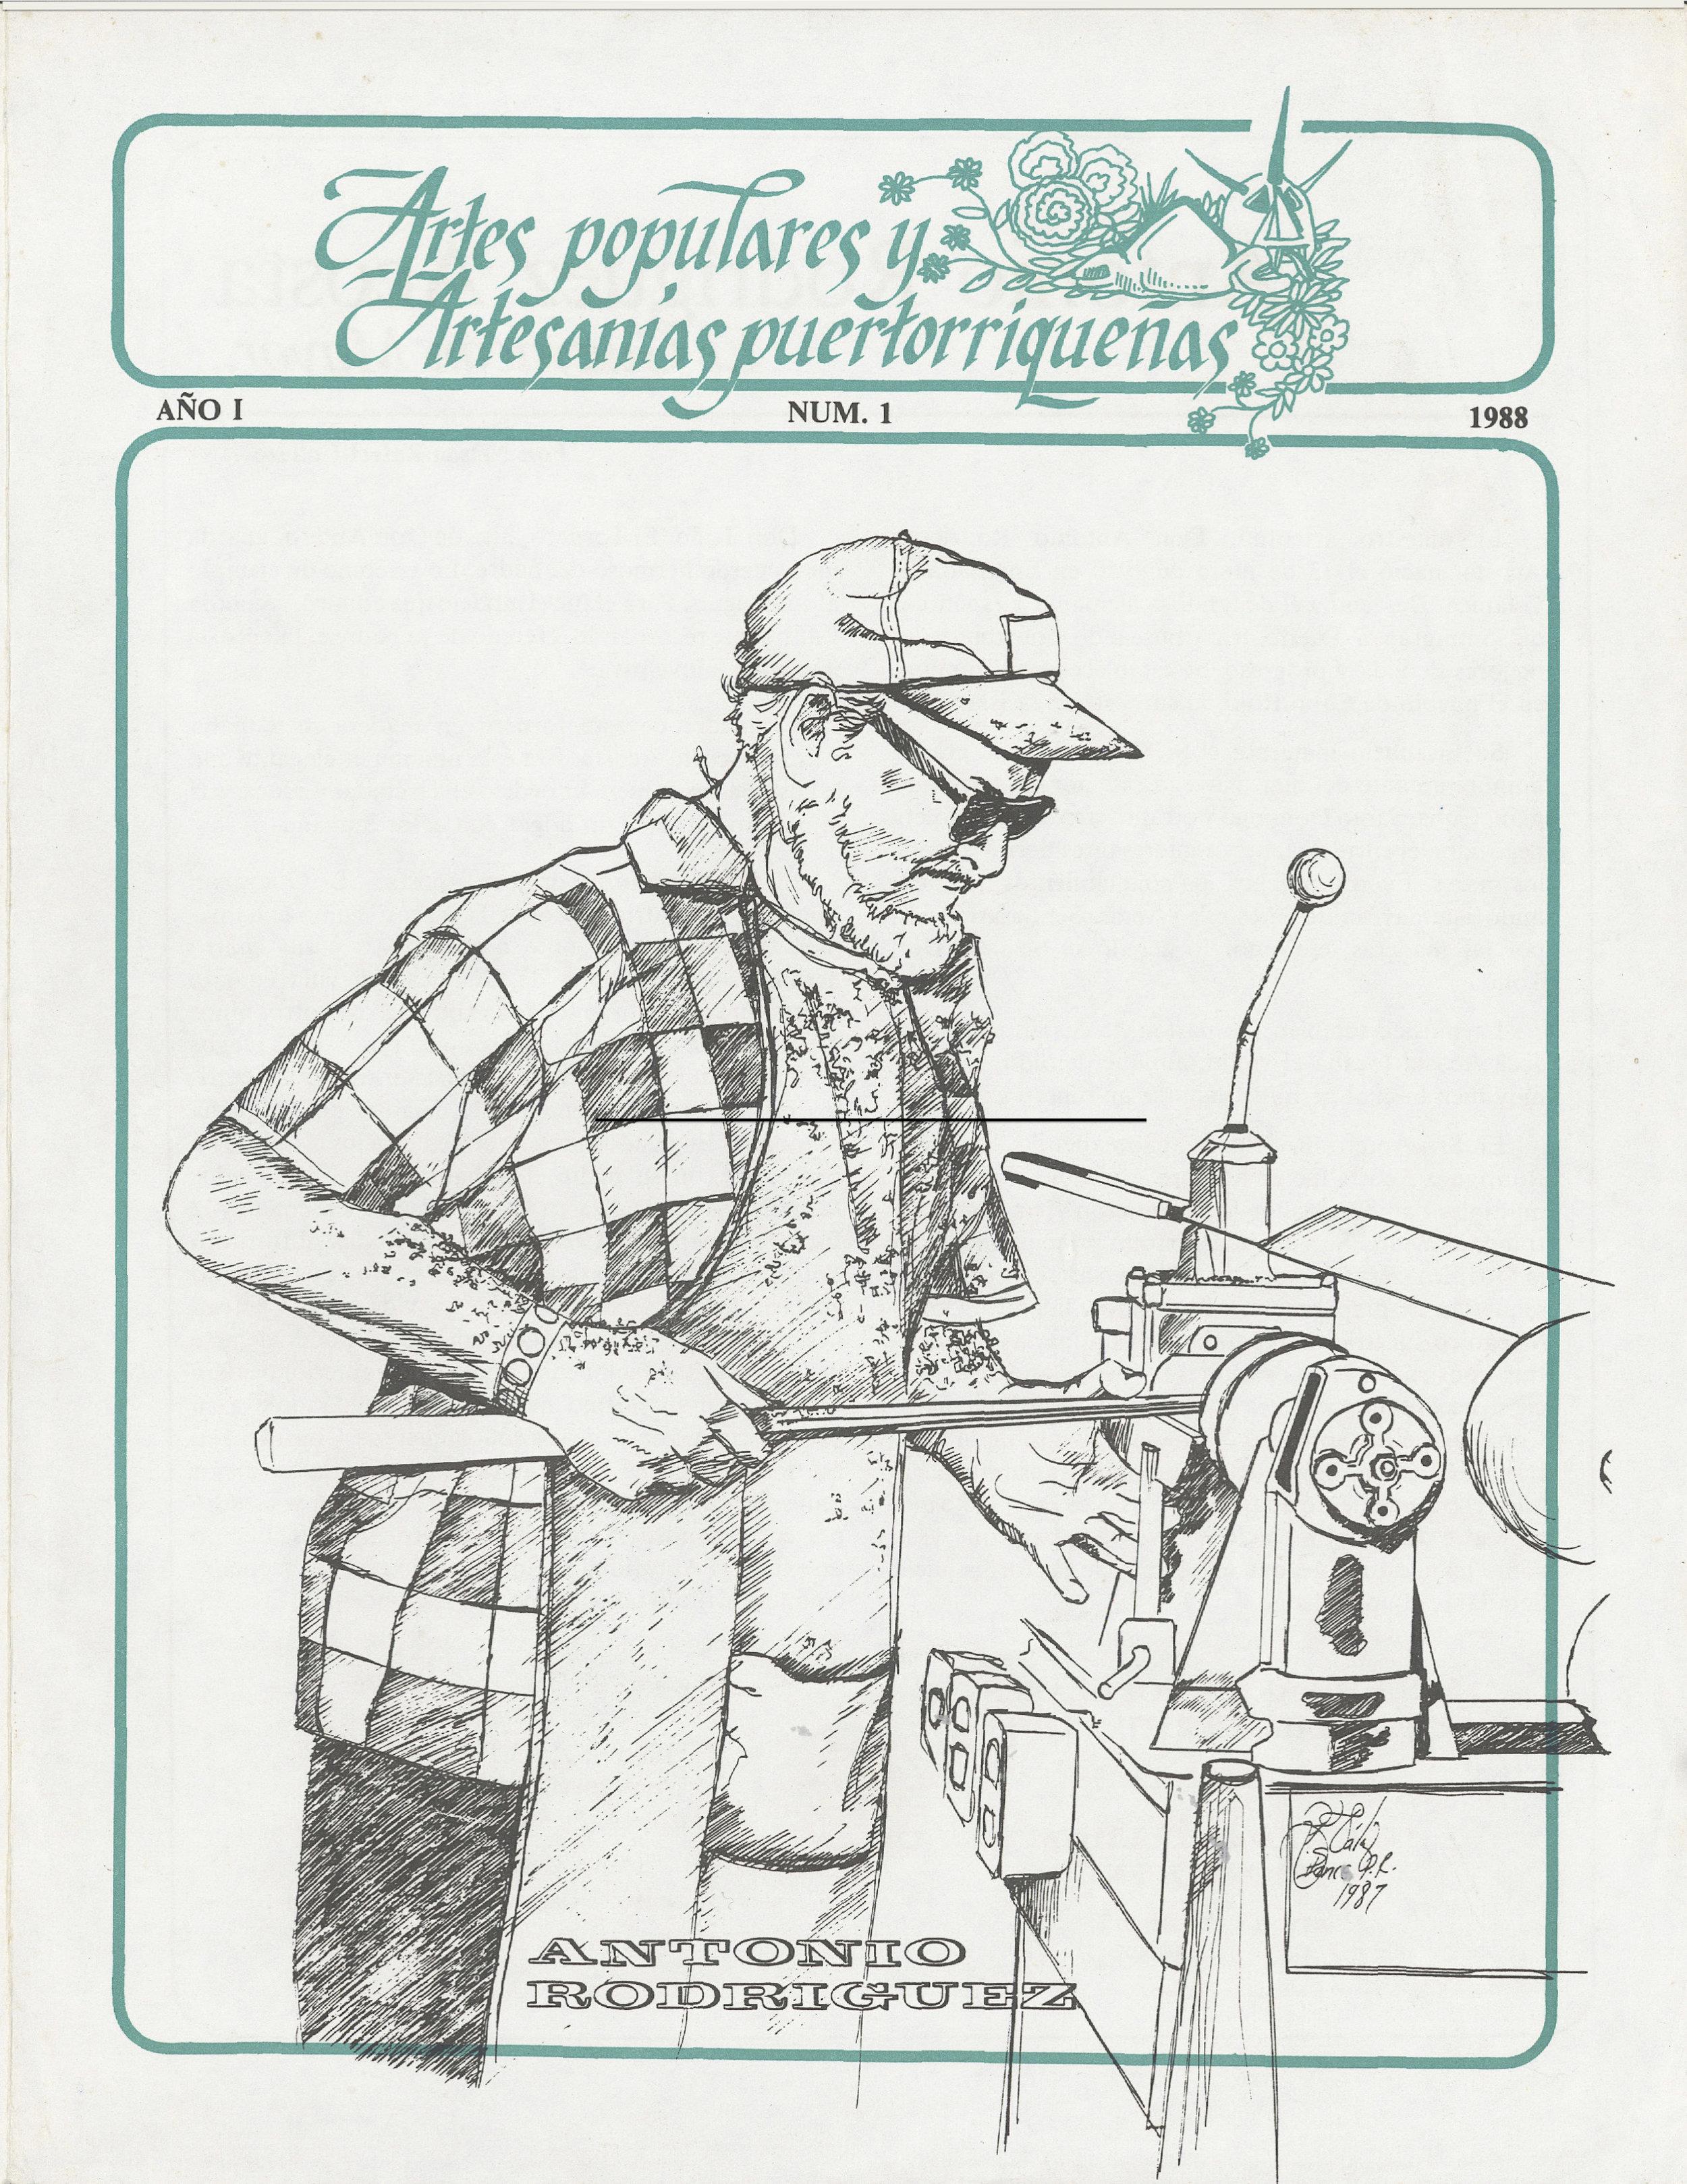 Boletín de Artes Populares-88 Suplemento 2.jpg